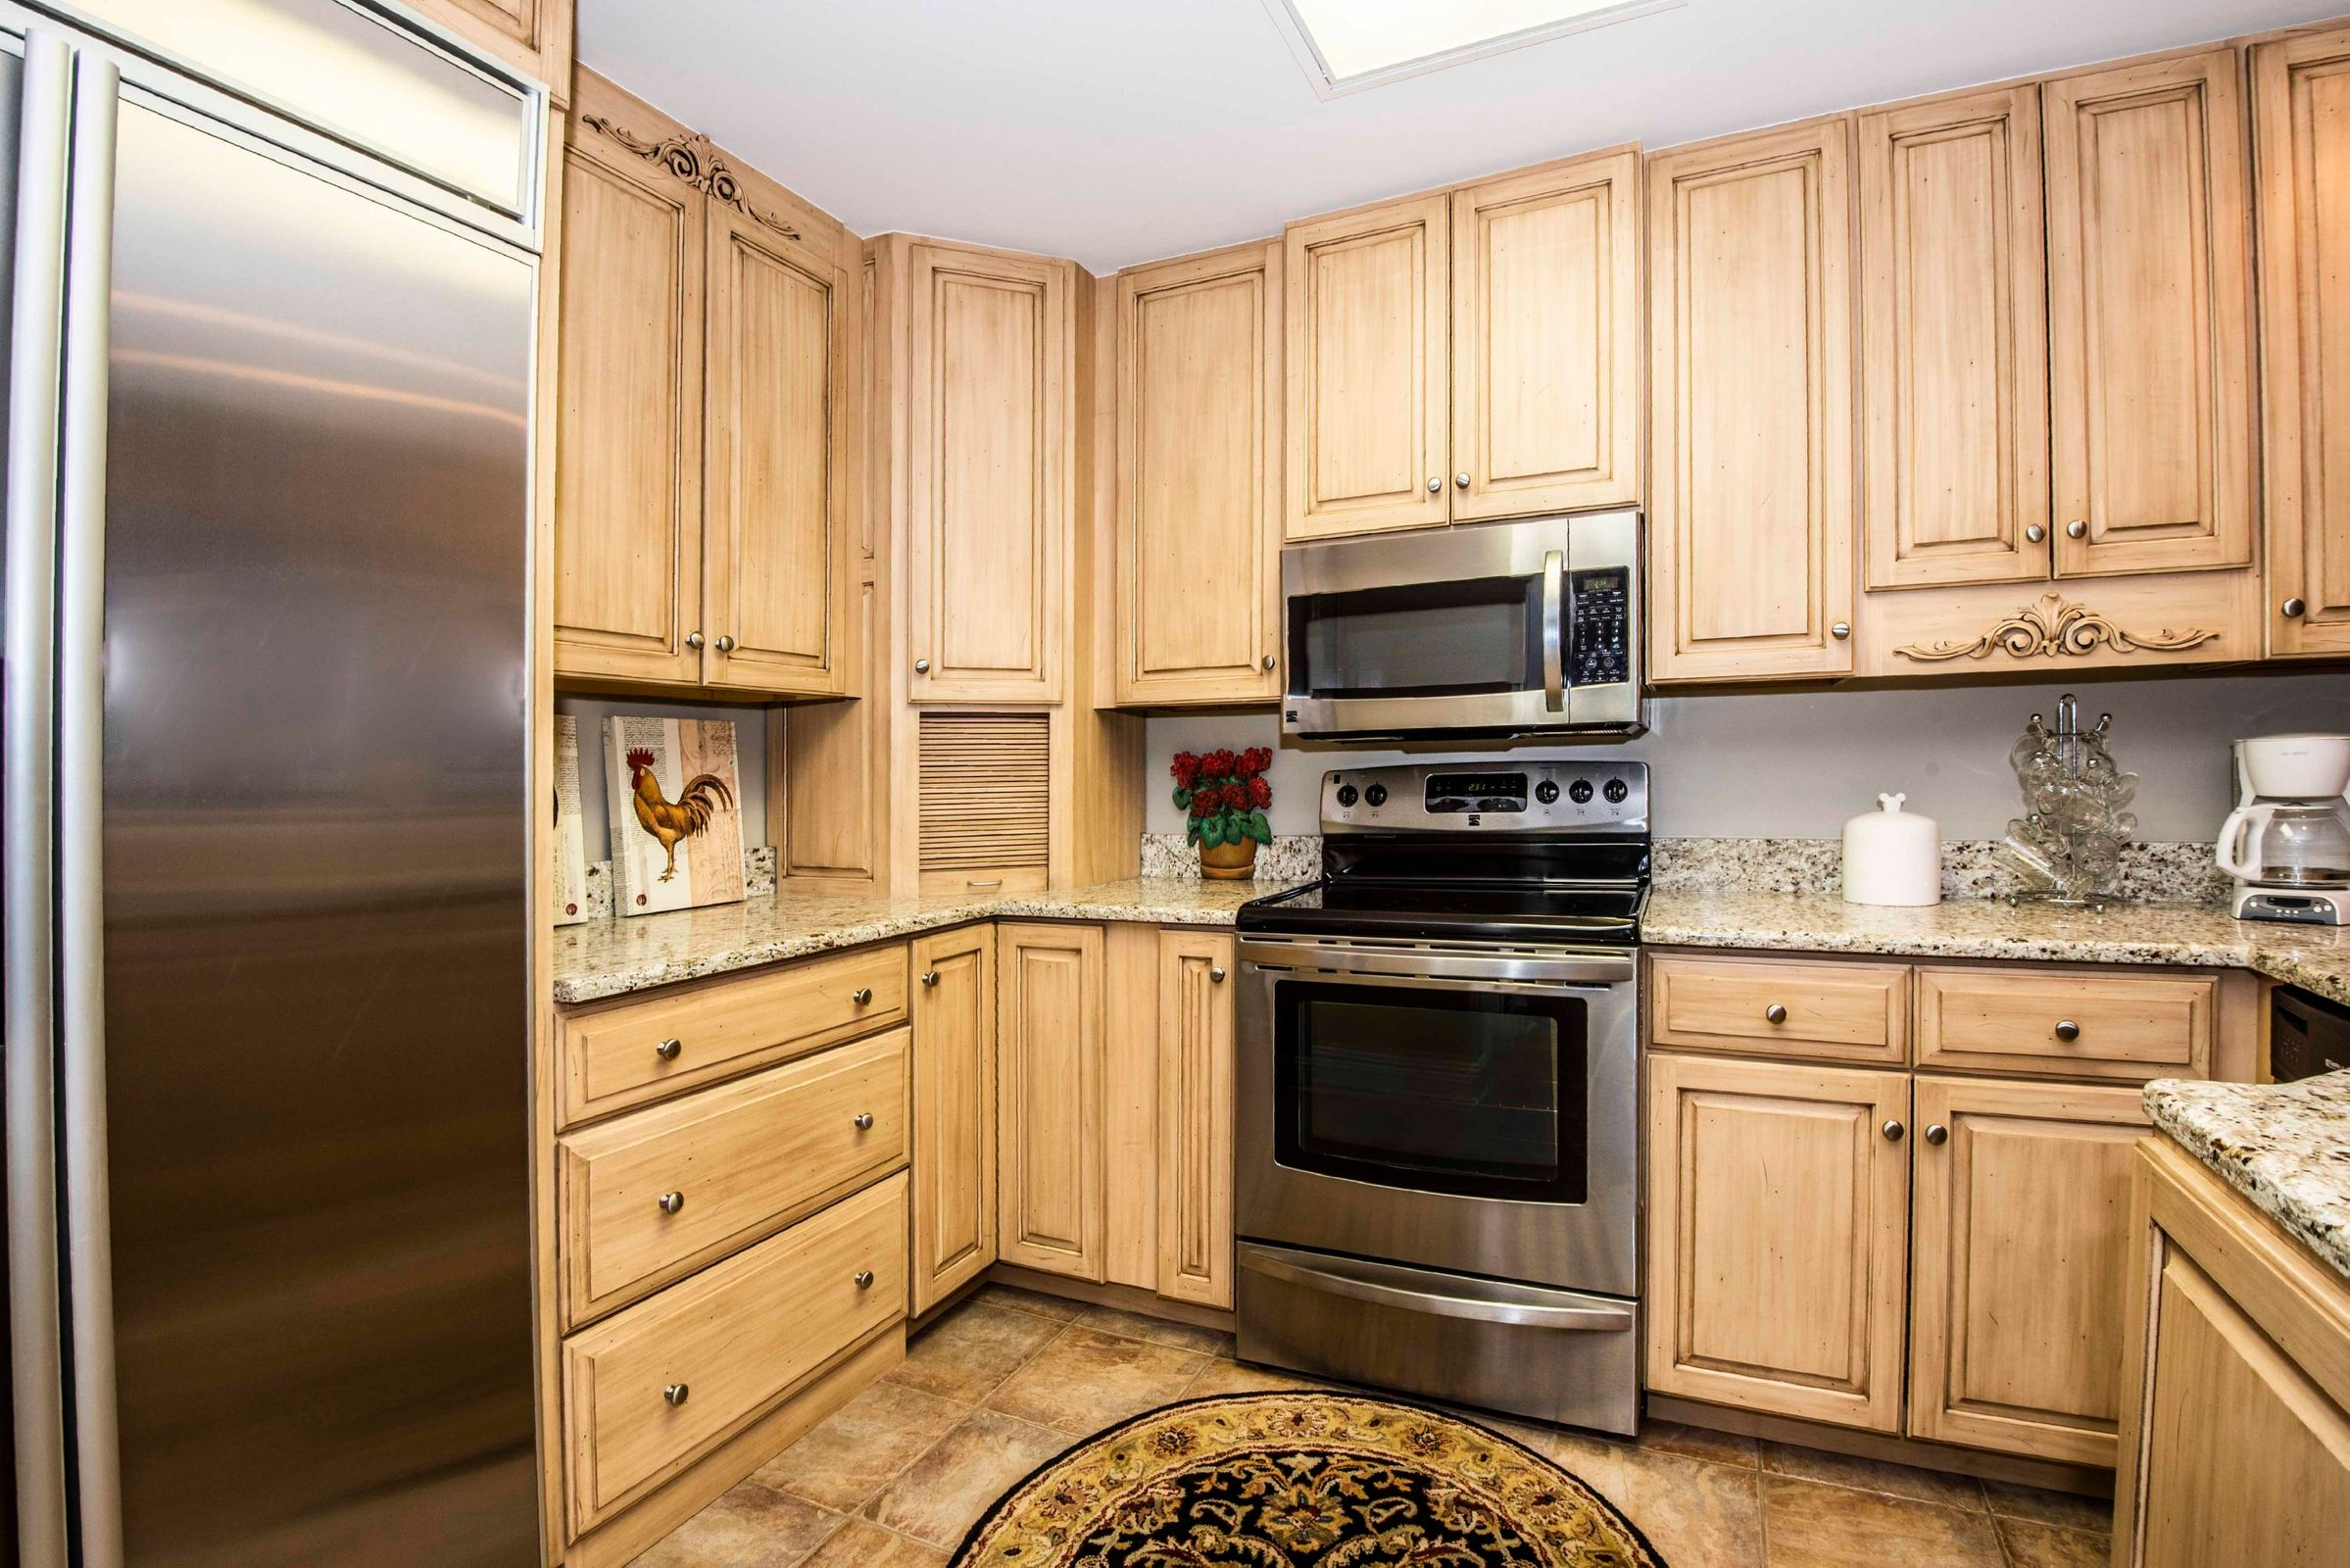 Basement kitchen 1_1